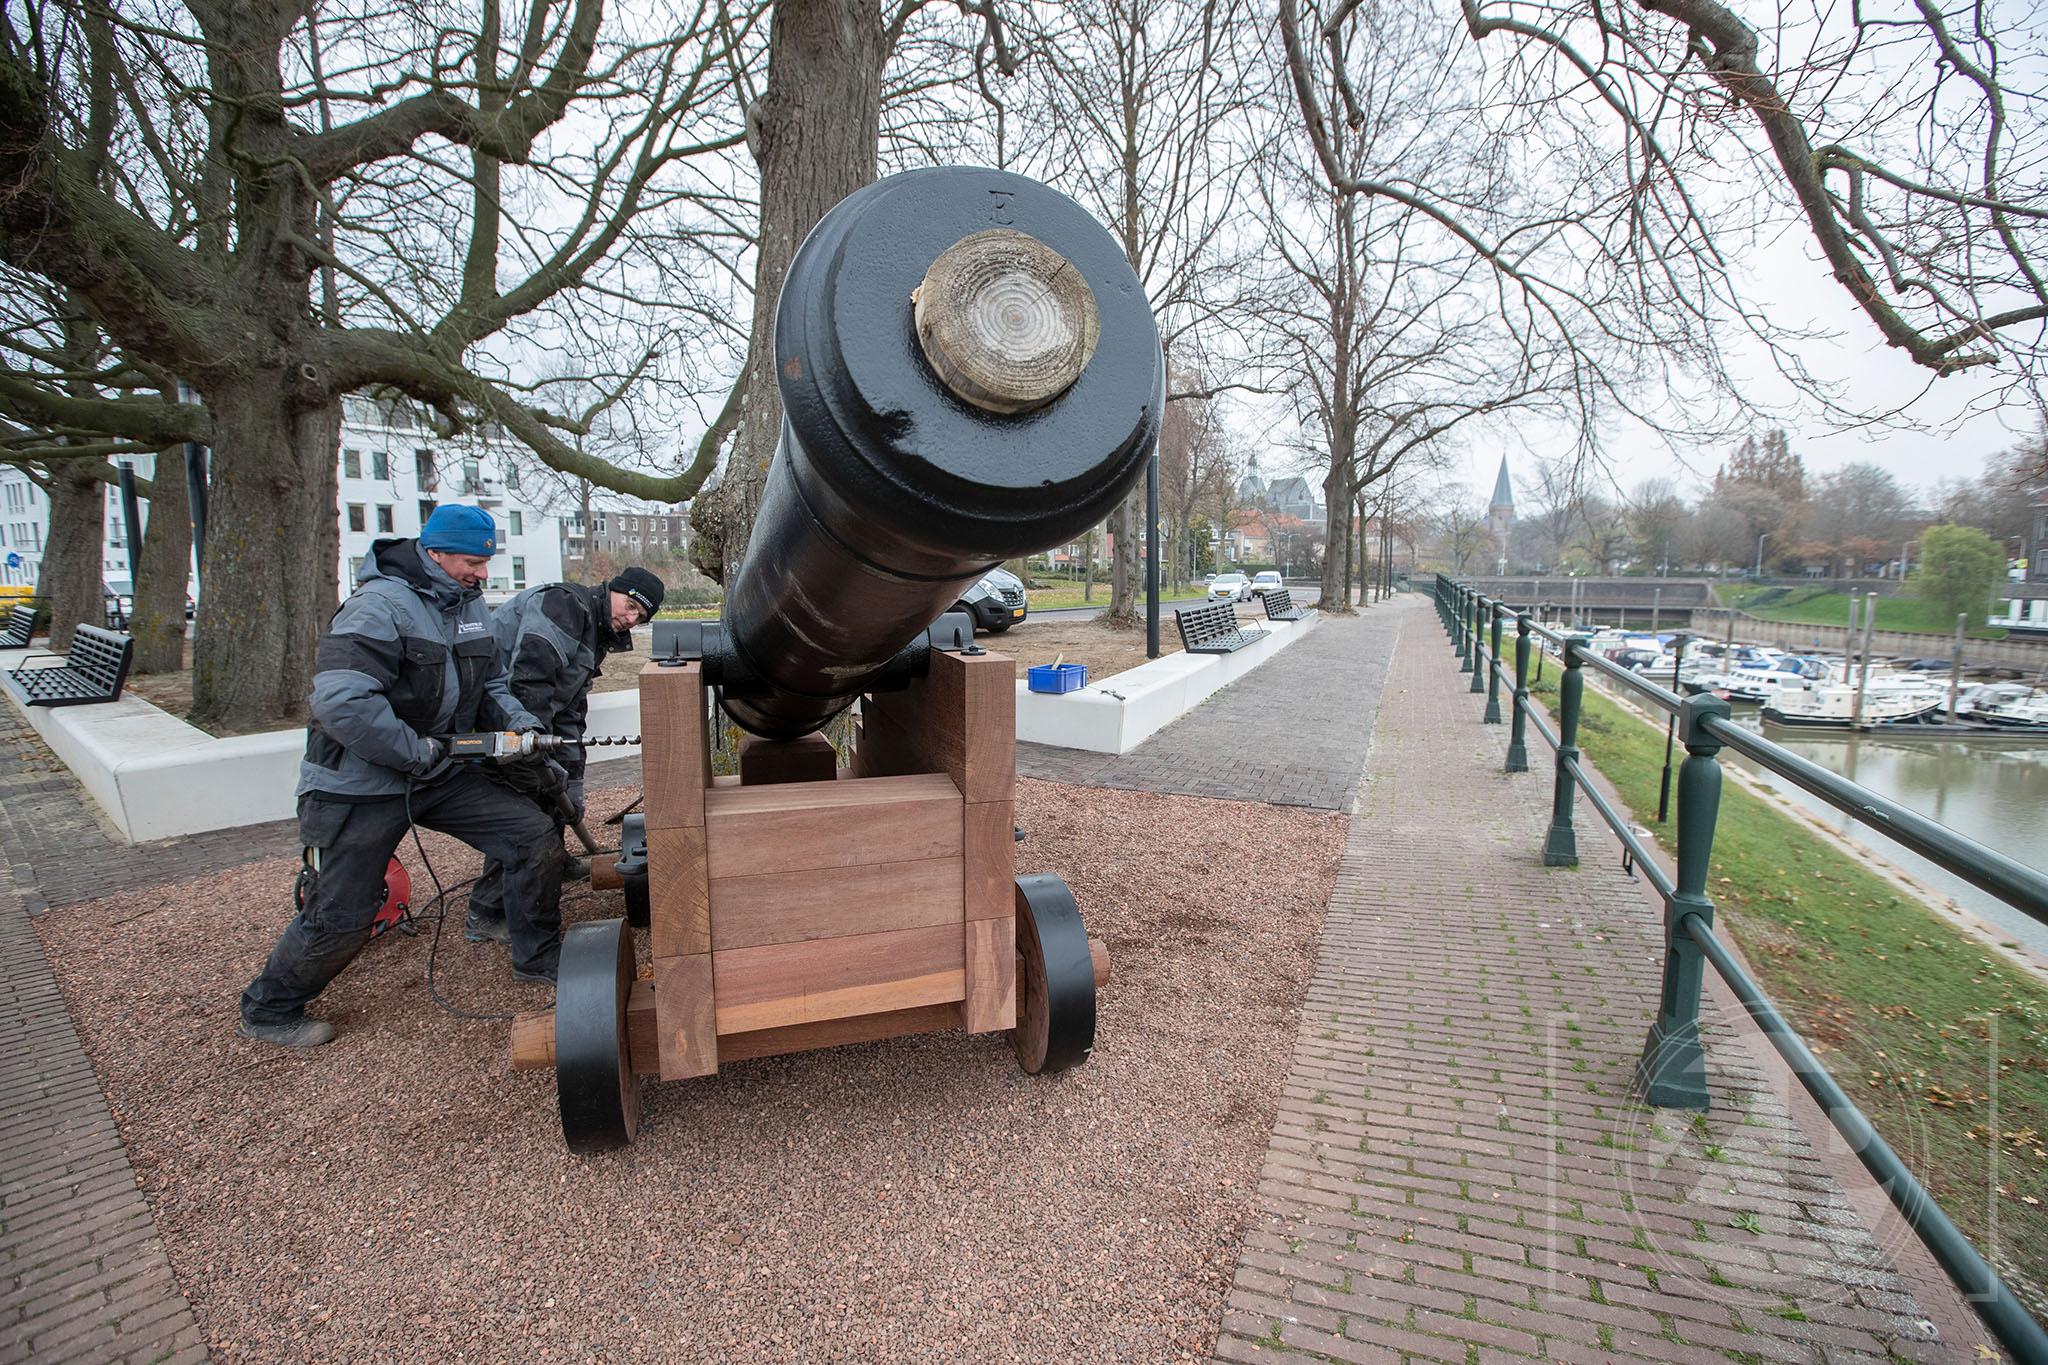 Op de Bult van Ketjen aan de IJsselkade in Zutphen is vanmorgen een historisch kanon geplaatst. Medewerkers van Schotman Restauraties uit Vorden leggen de laatste hand aan de afwerking van het kanon. De Stentor. Foto: Patrick van Gemert